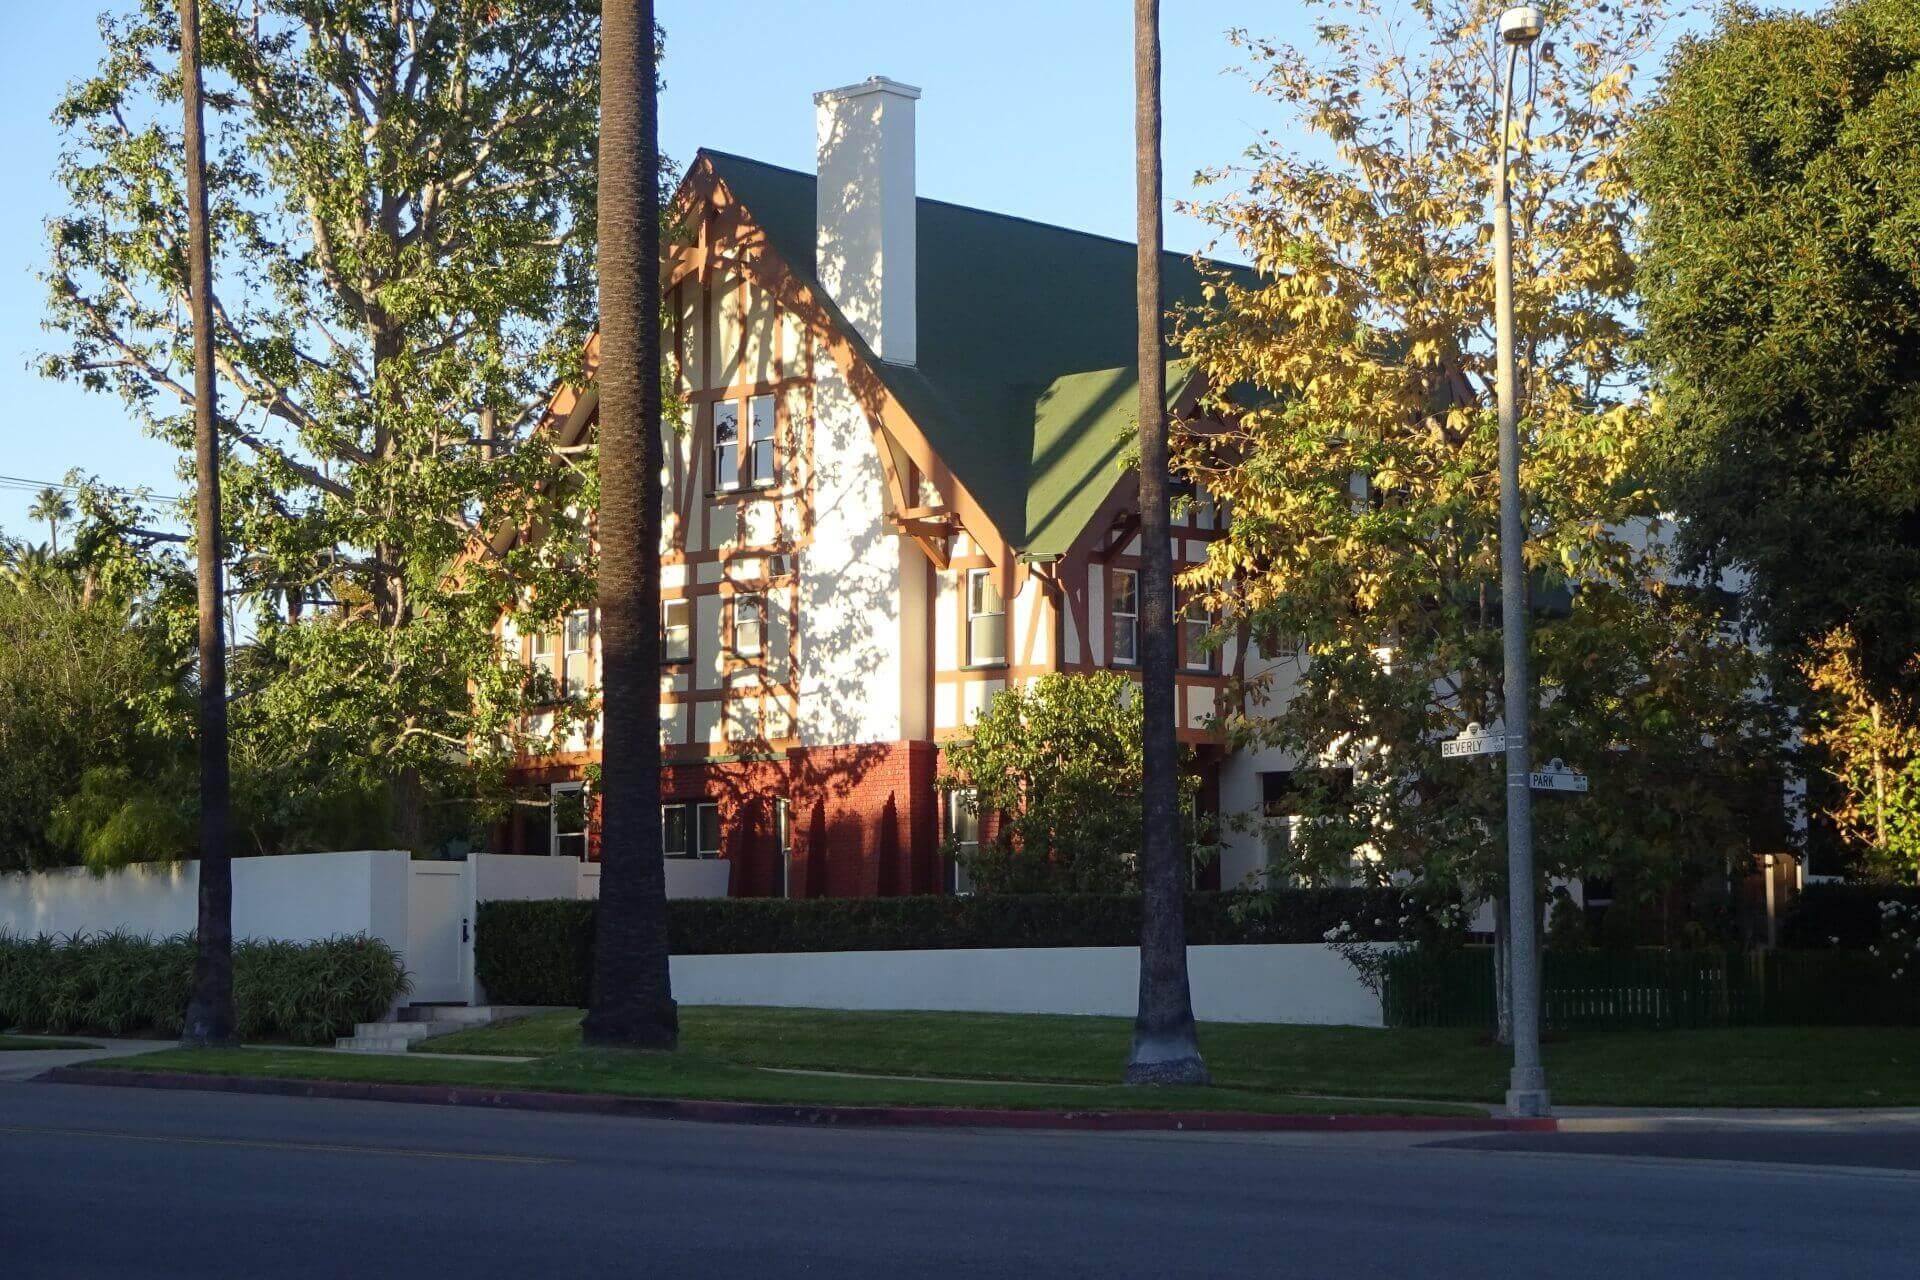 Villa in Beverly Hills. Bilder und Eindrücke aus Los Angeles und Hollywood, Kalifornien, USA.